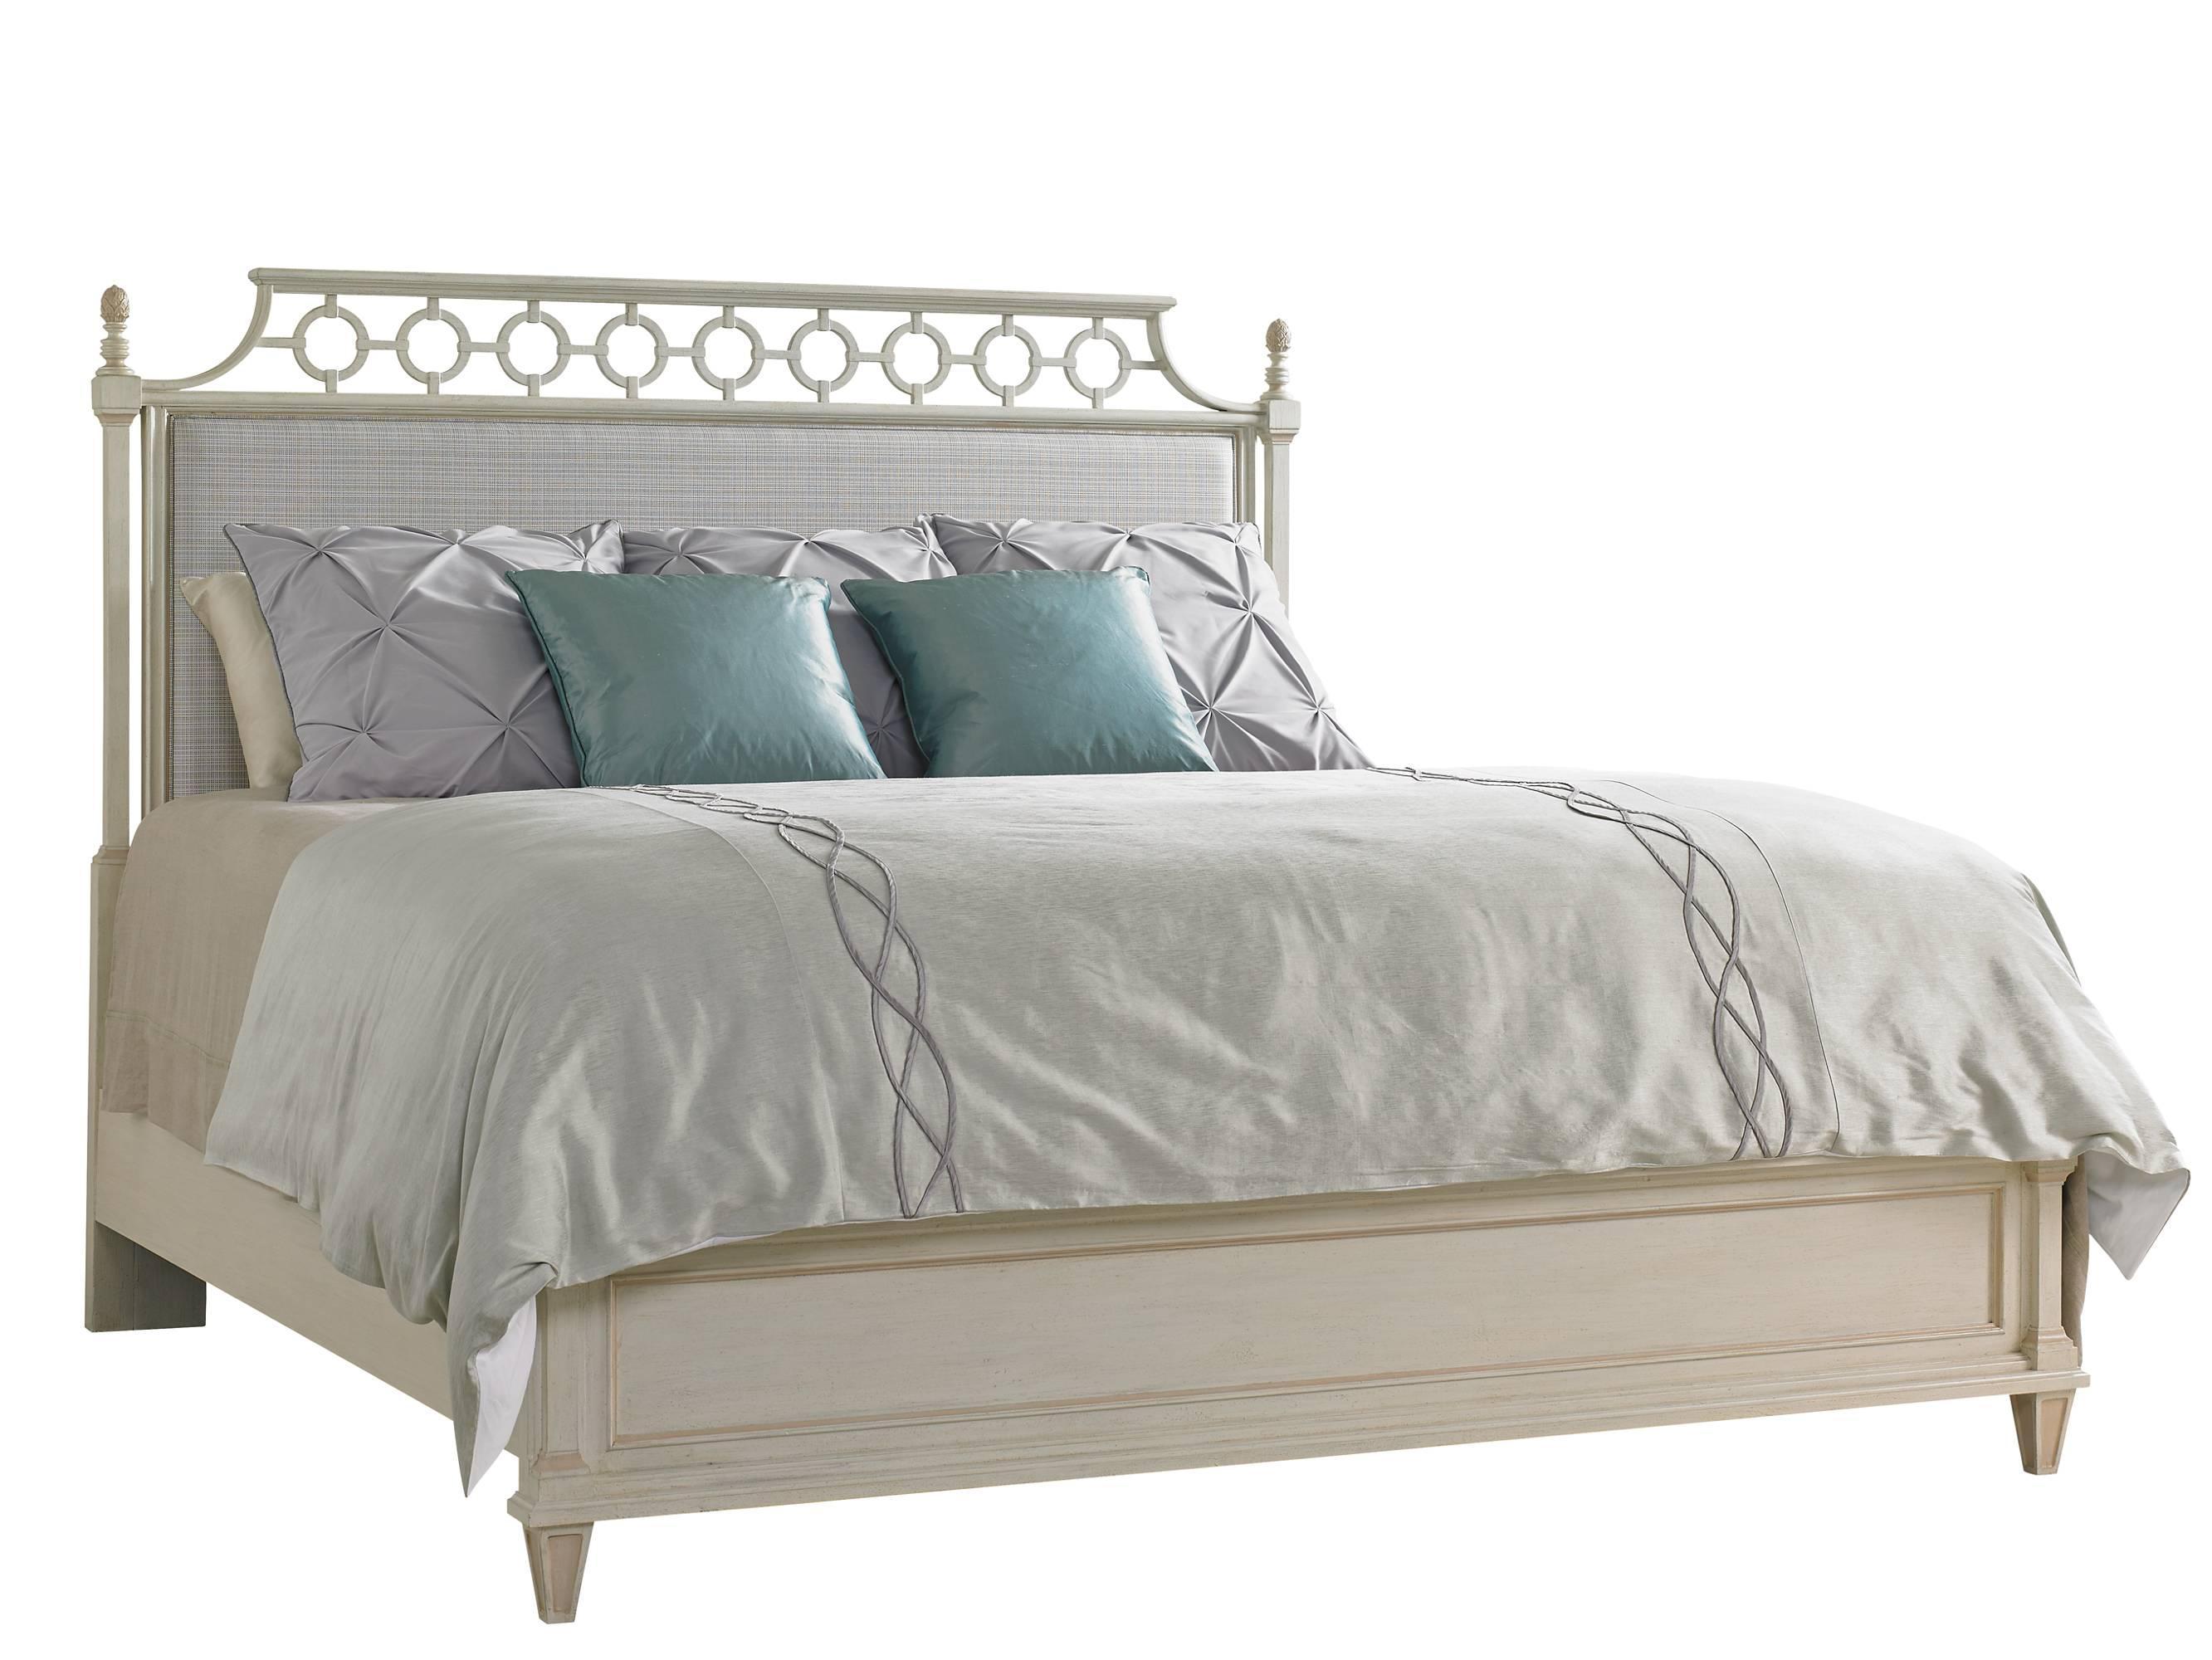 Stanley Furniture Preserve Queen Botany Bed - Item Number: 340-23-40